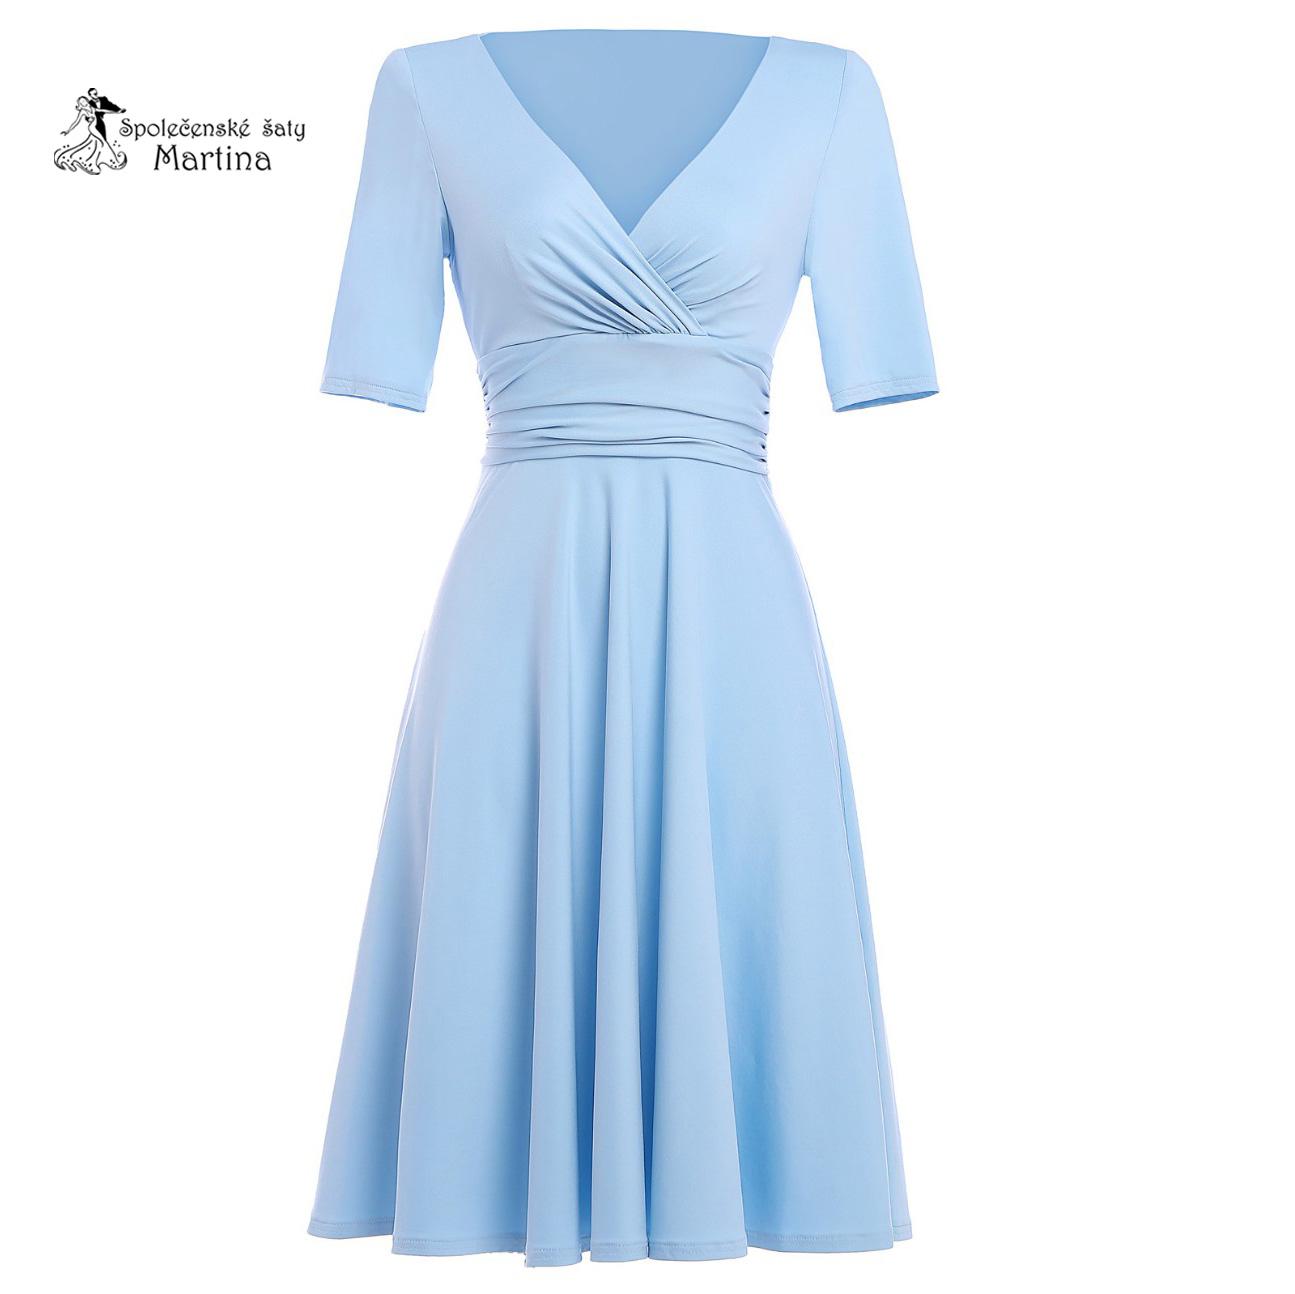 Spoločenské šaty - koktejlové šaty - koktejlky b69170d168c